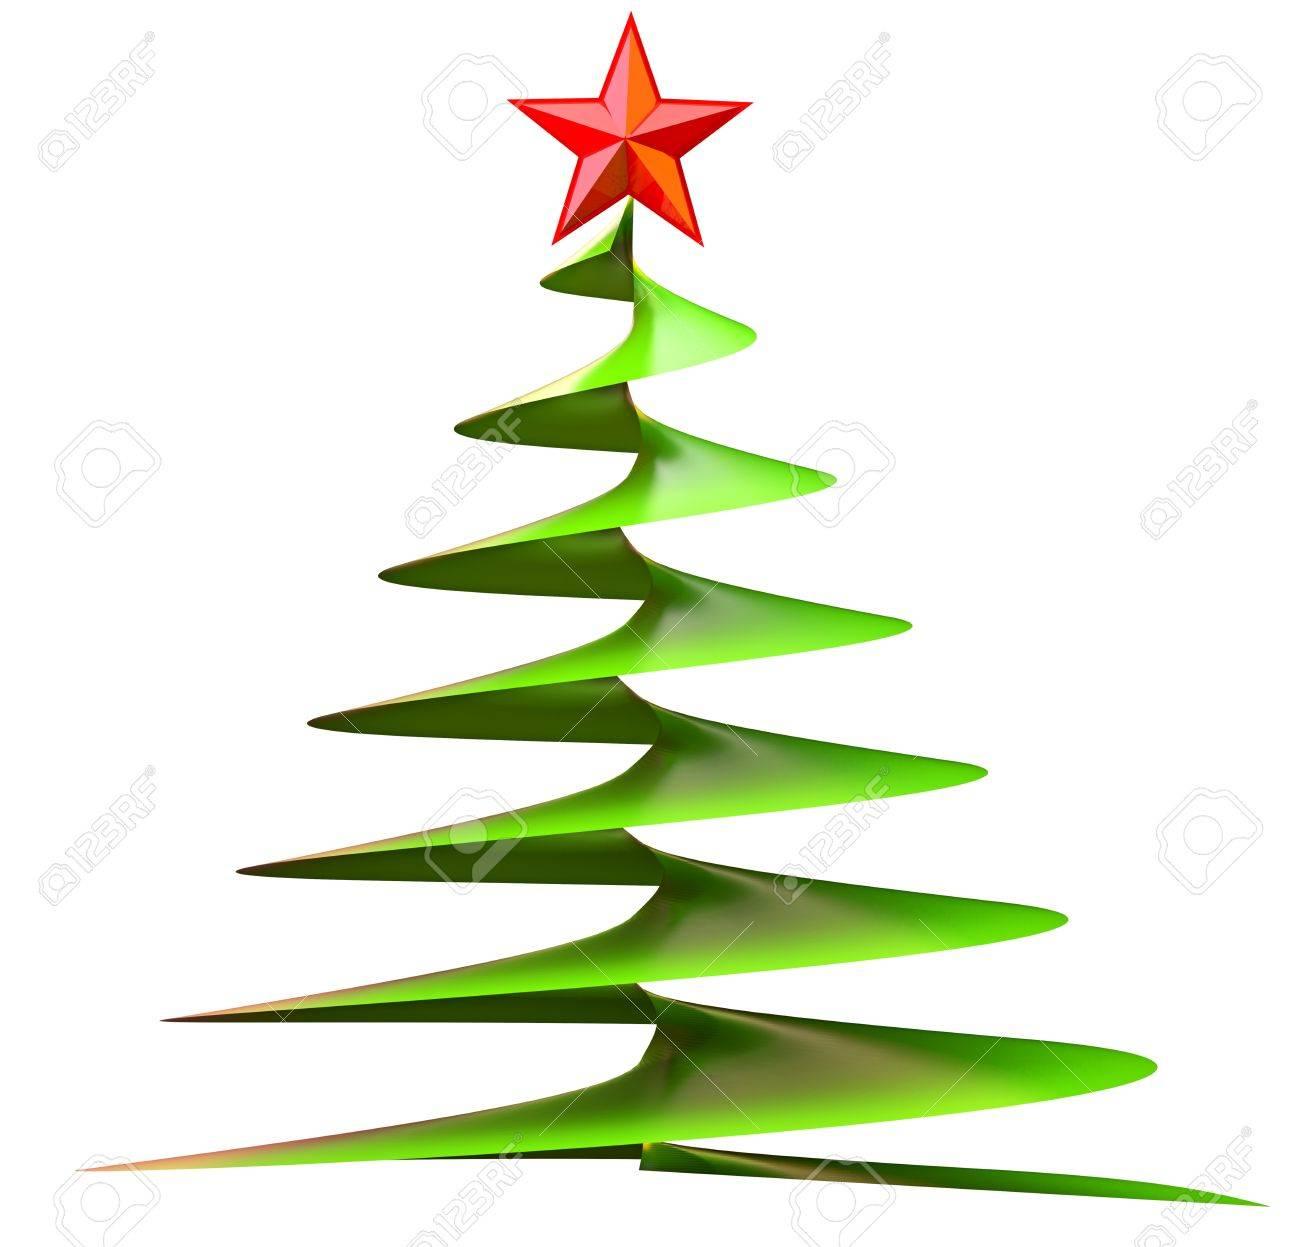 foto de archivo rbol de navidad con la estrella roja hecha de vidrio como tarjeta de felicitacin decorativa